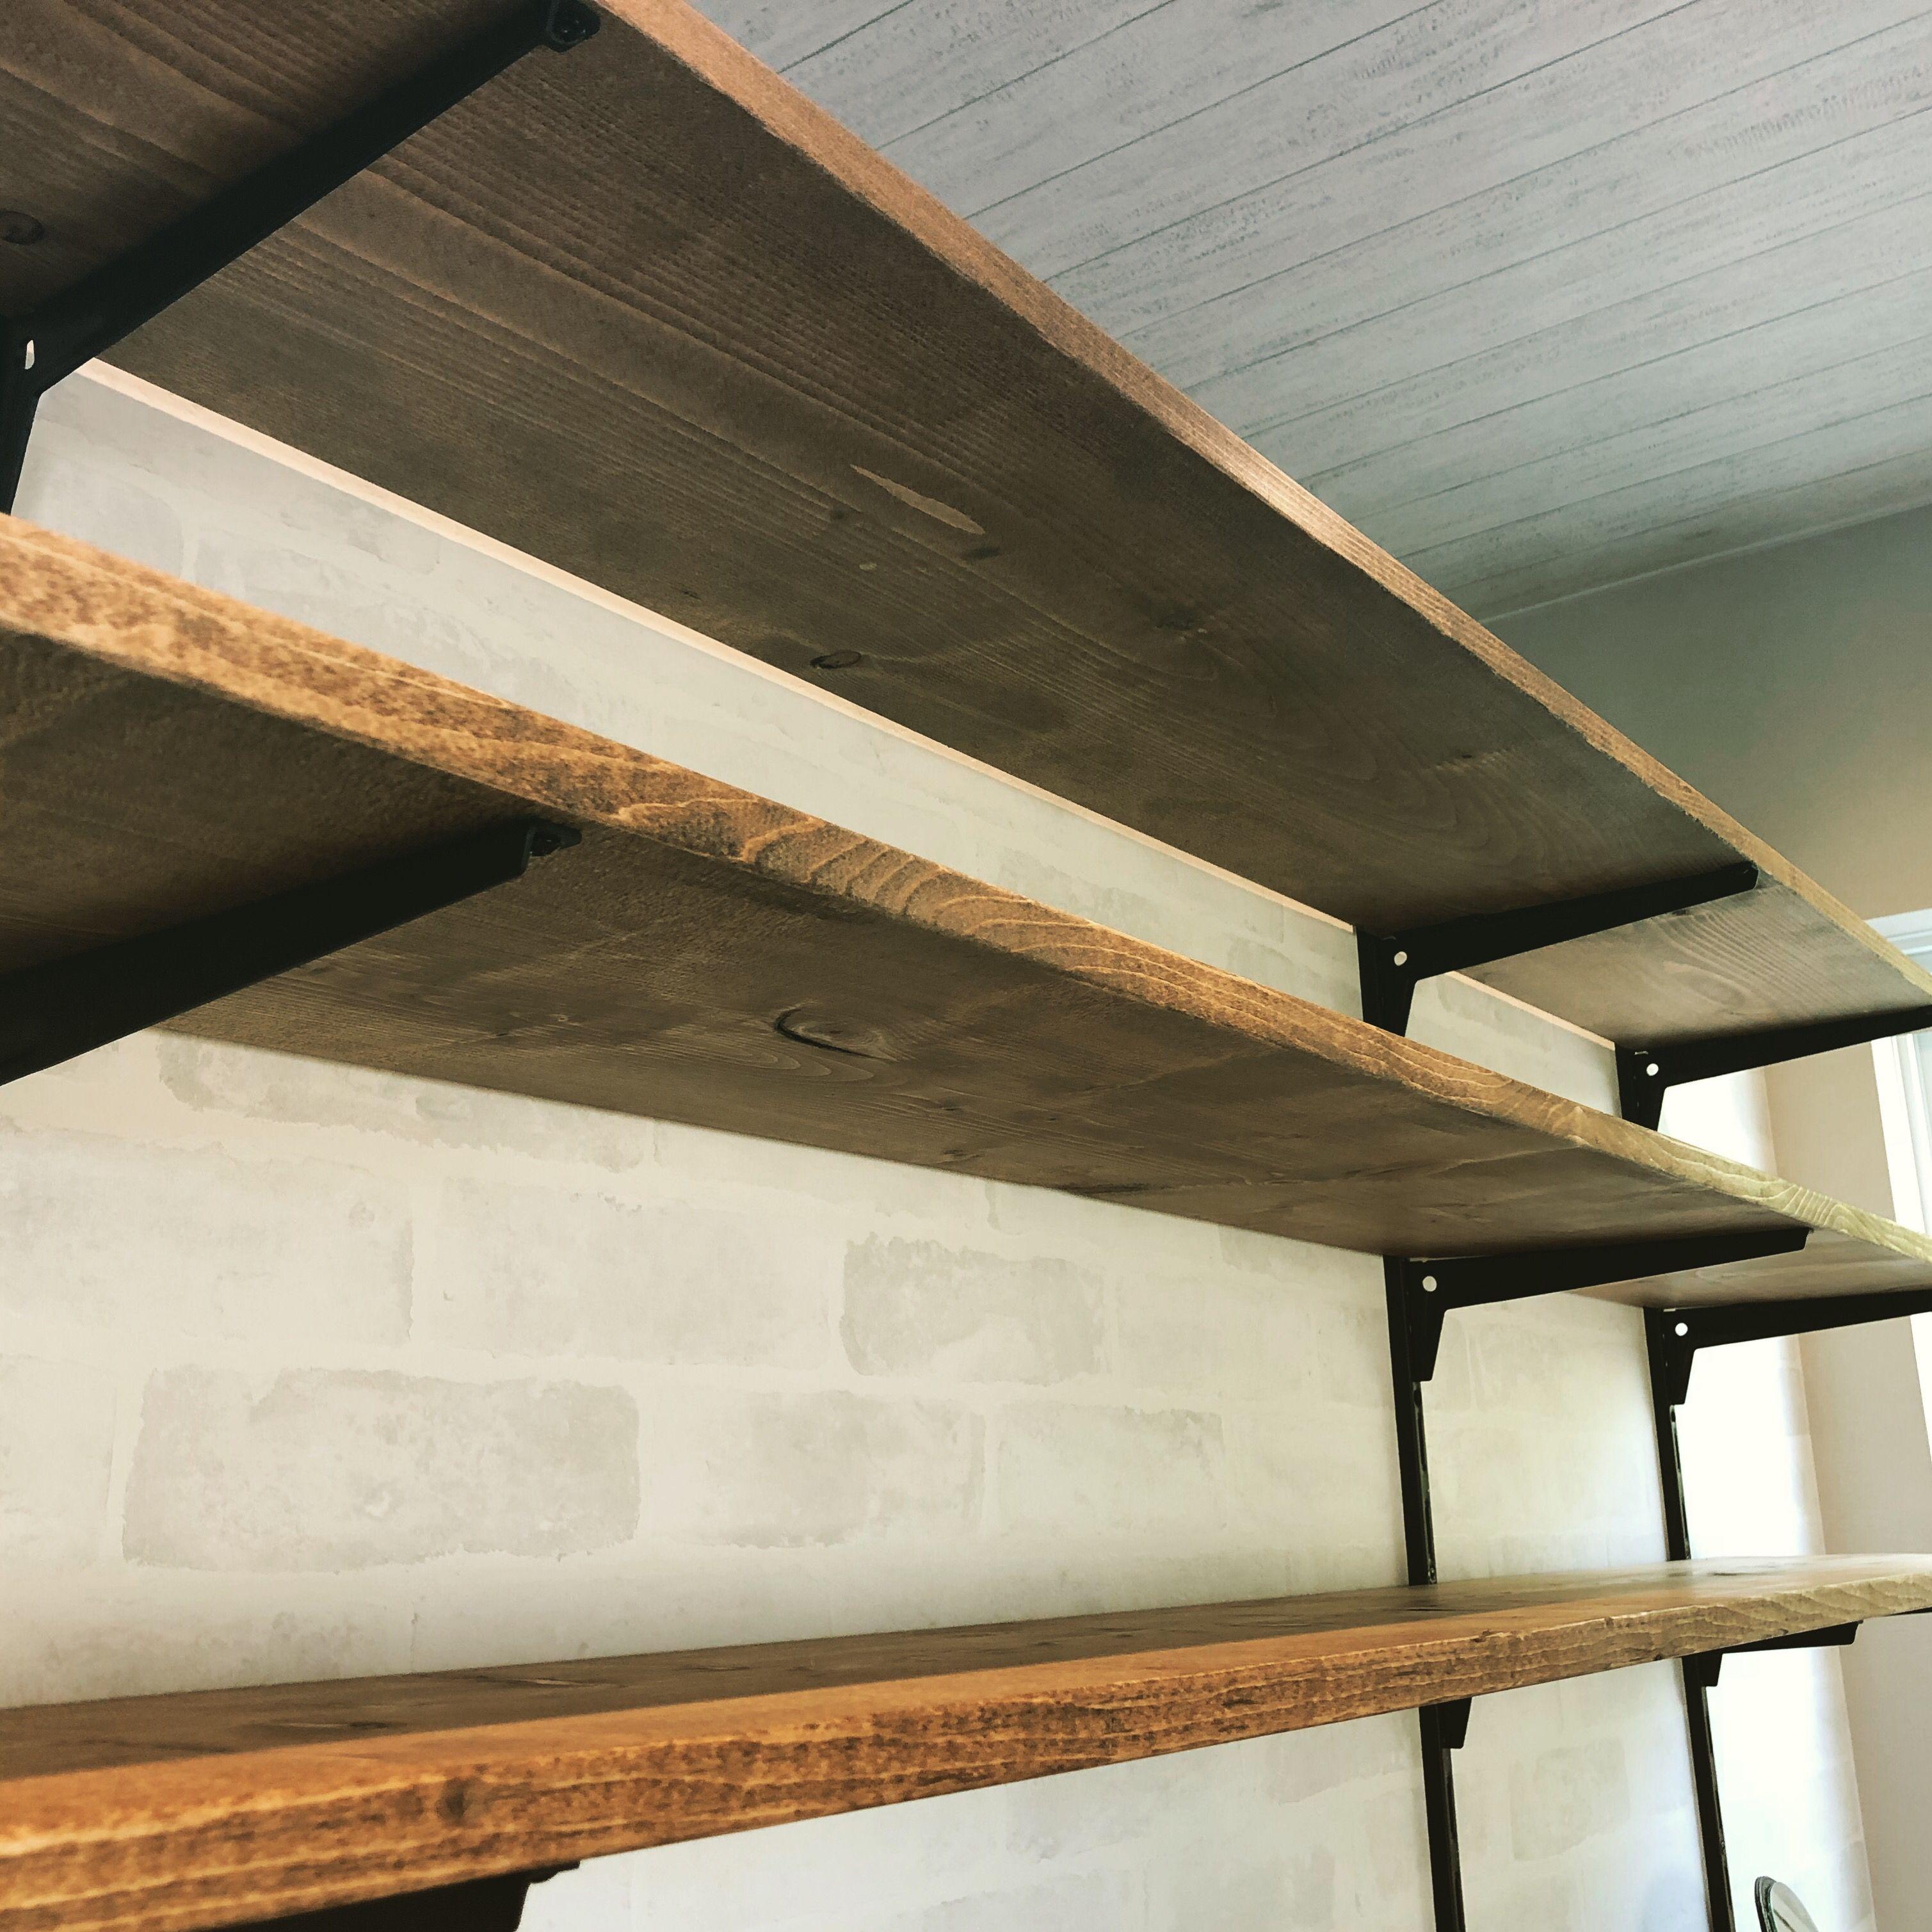 可動棚diy 棚柱レールと棚受けを設置する方法をご紹介 棚